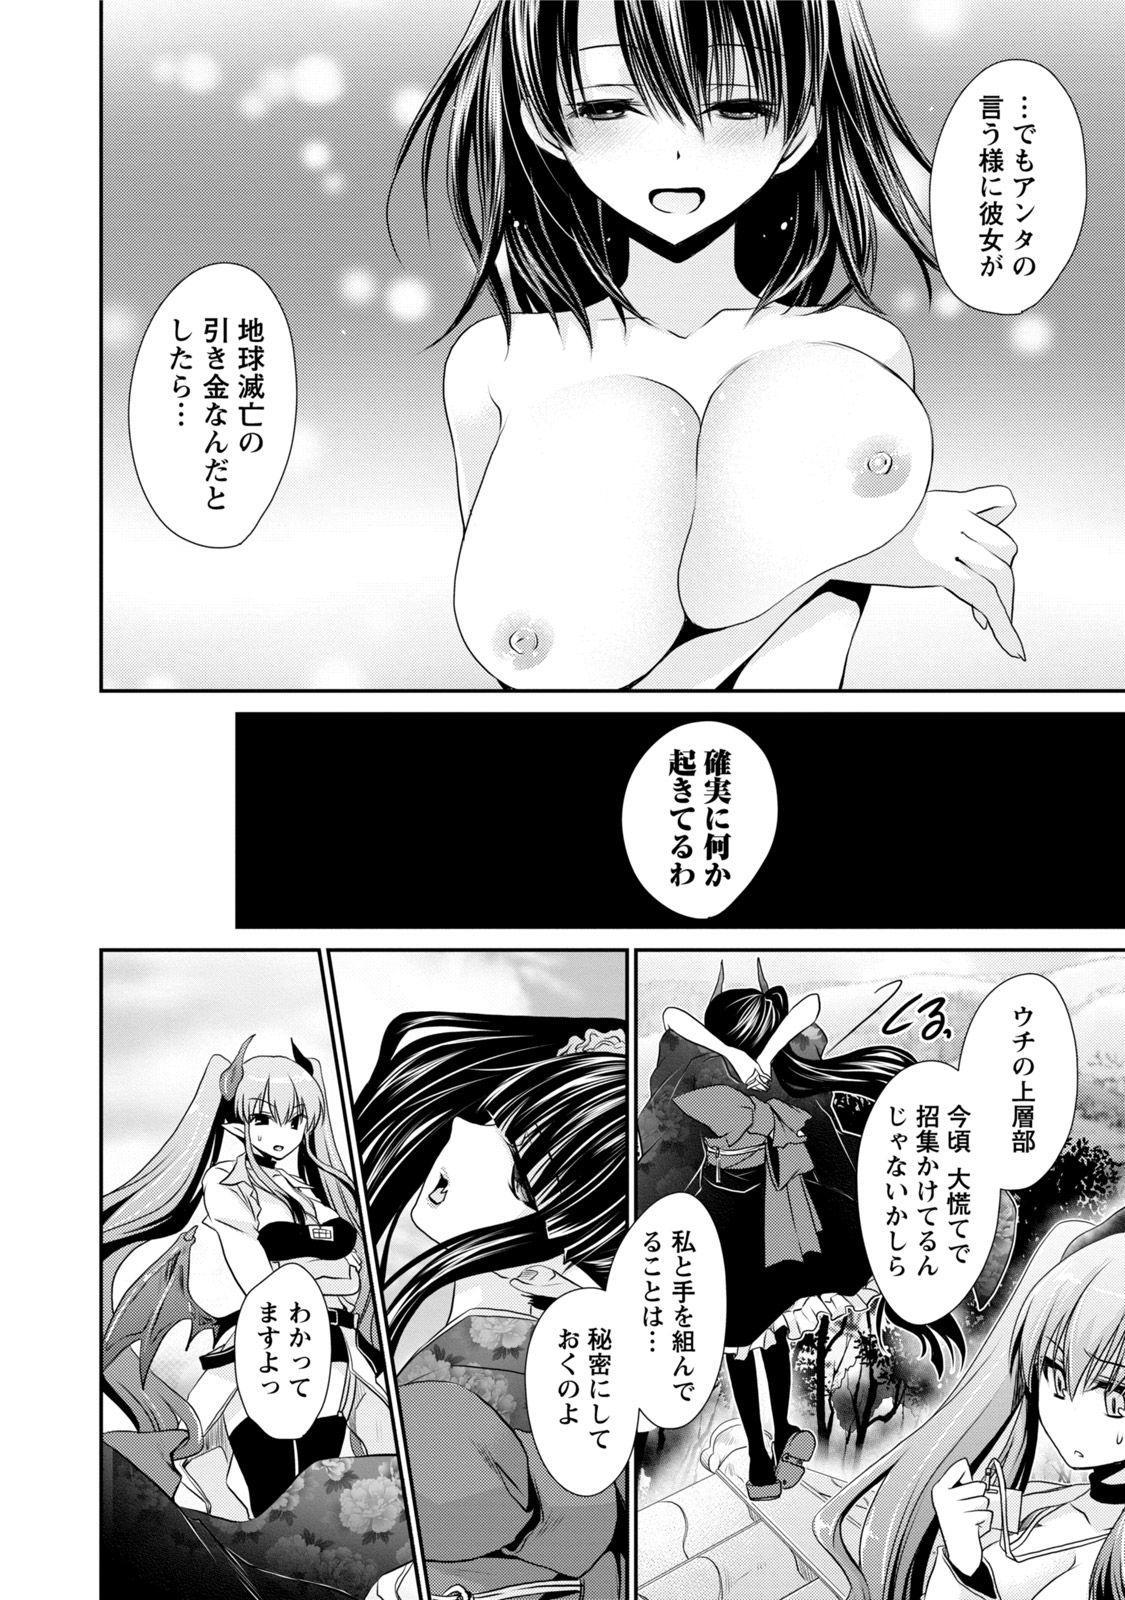 Ore to Kanojo to Owaru Sekai - World's end LoveStory 1 186